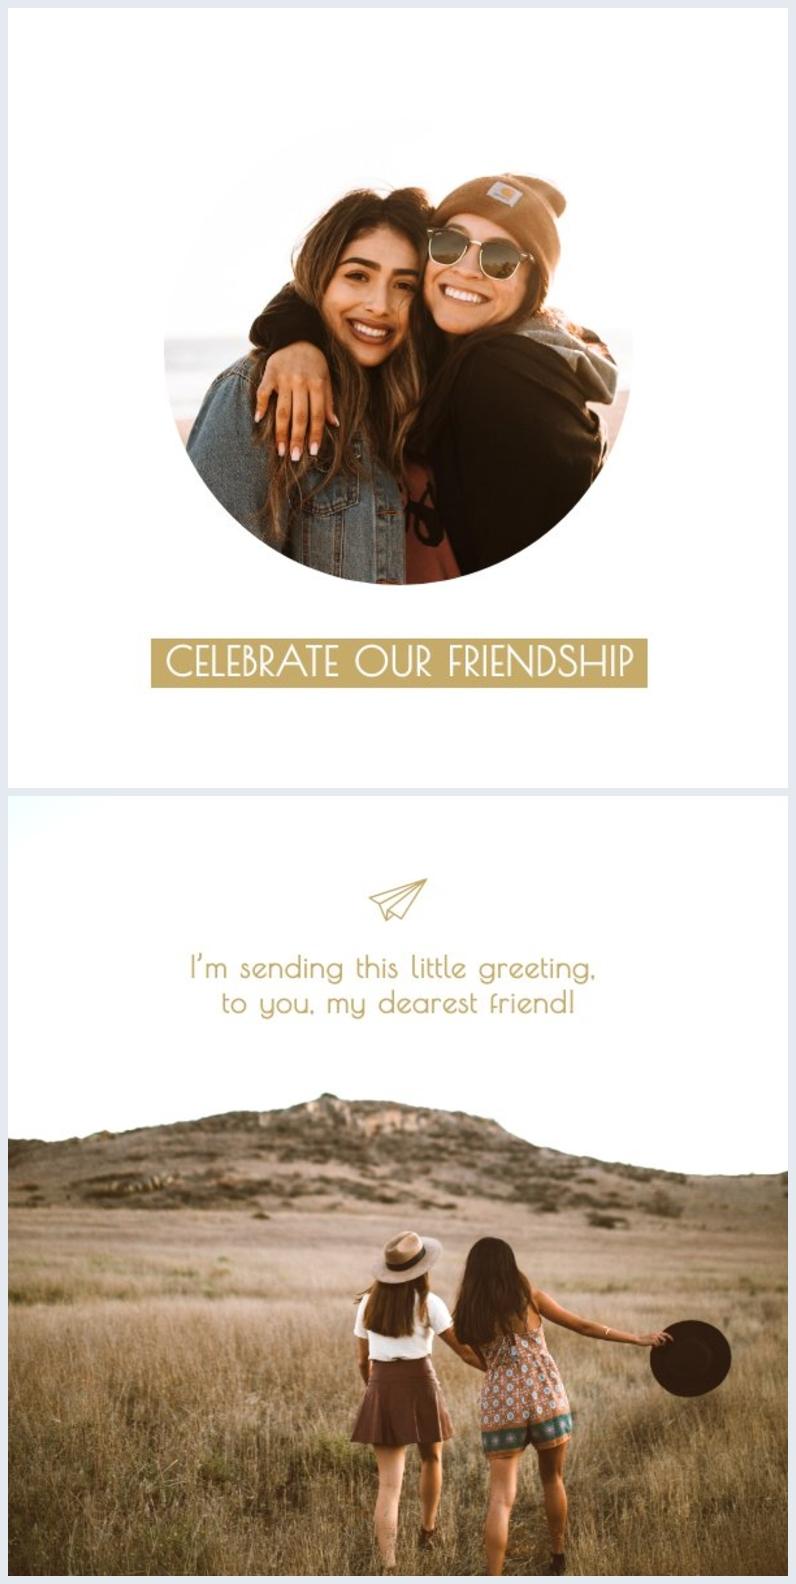 diseño de tarjeta de amistad